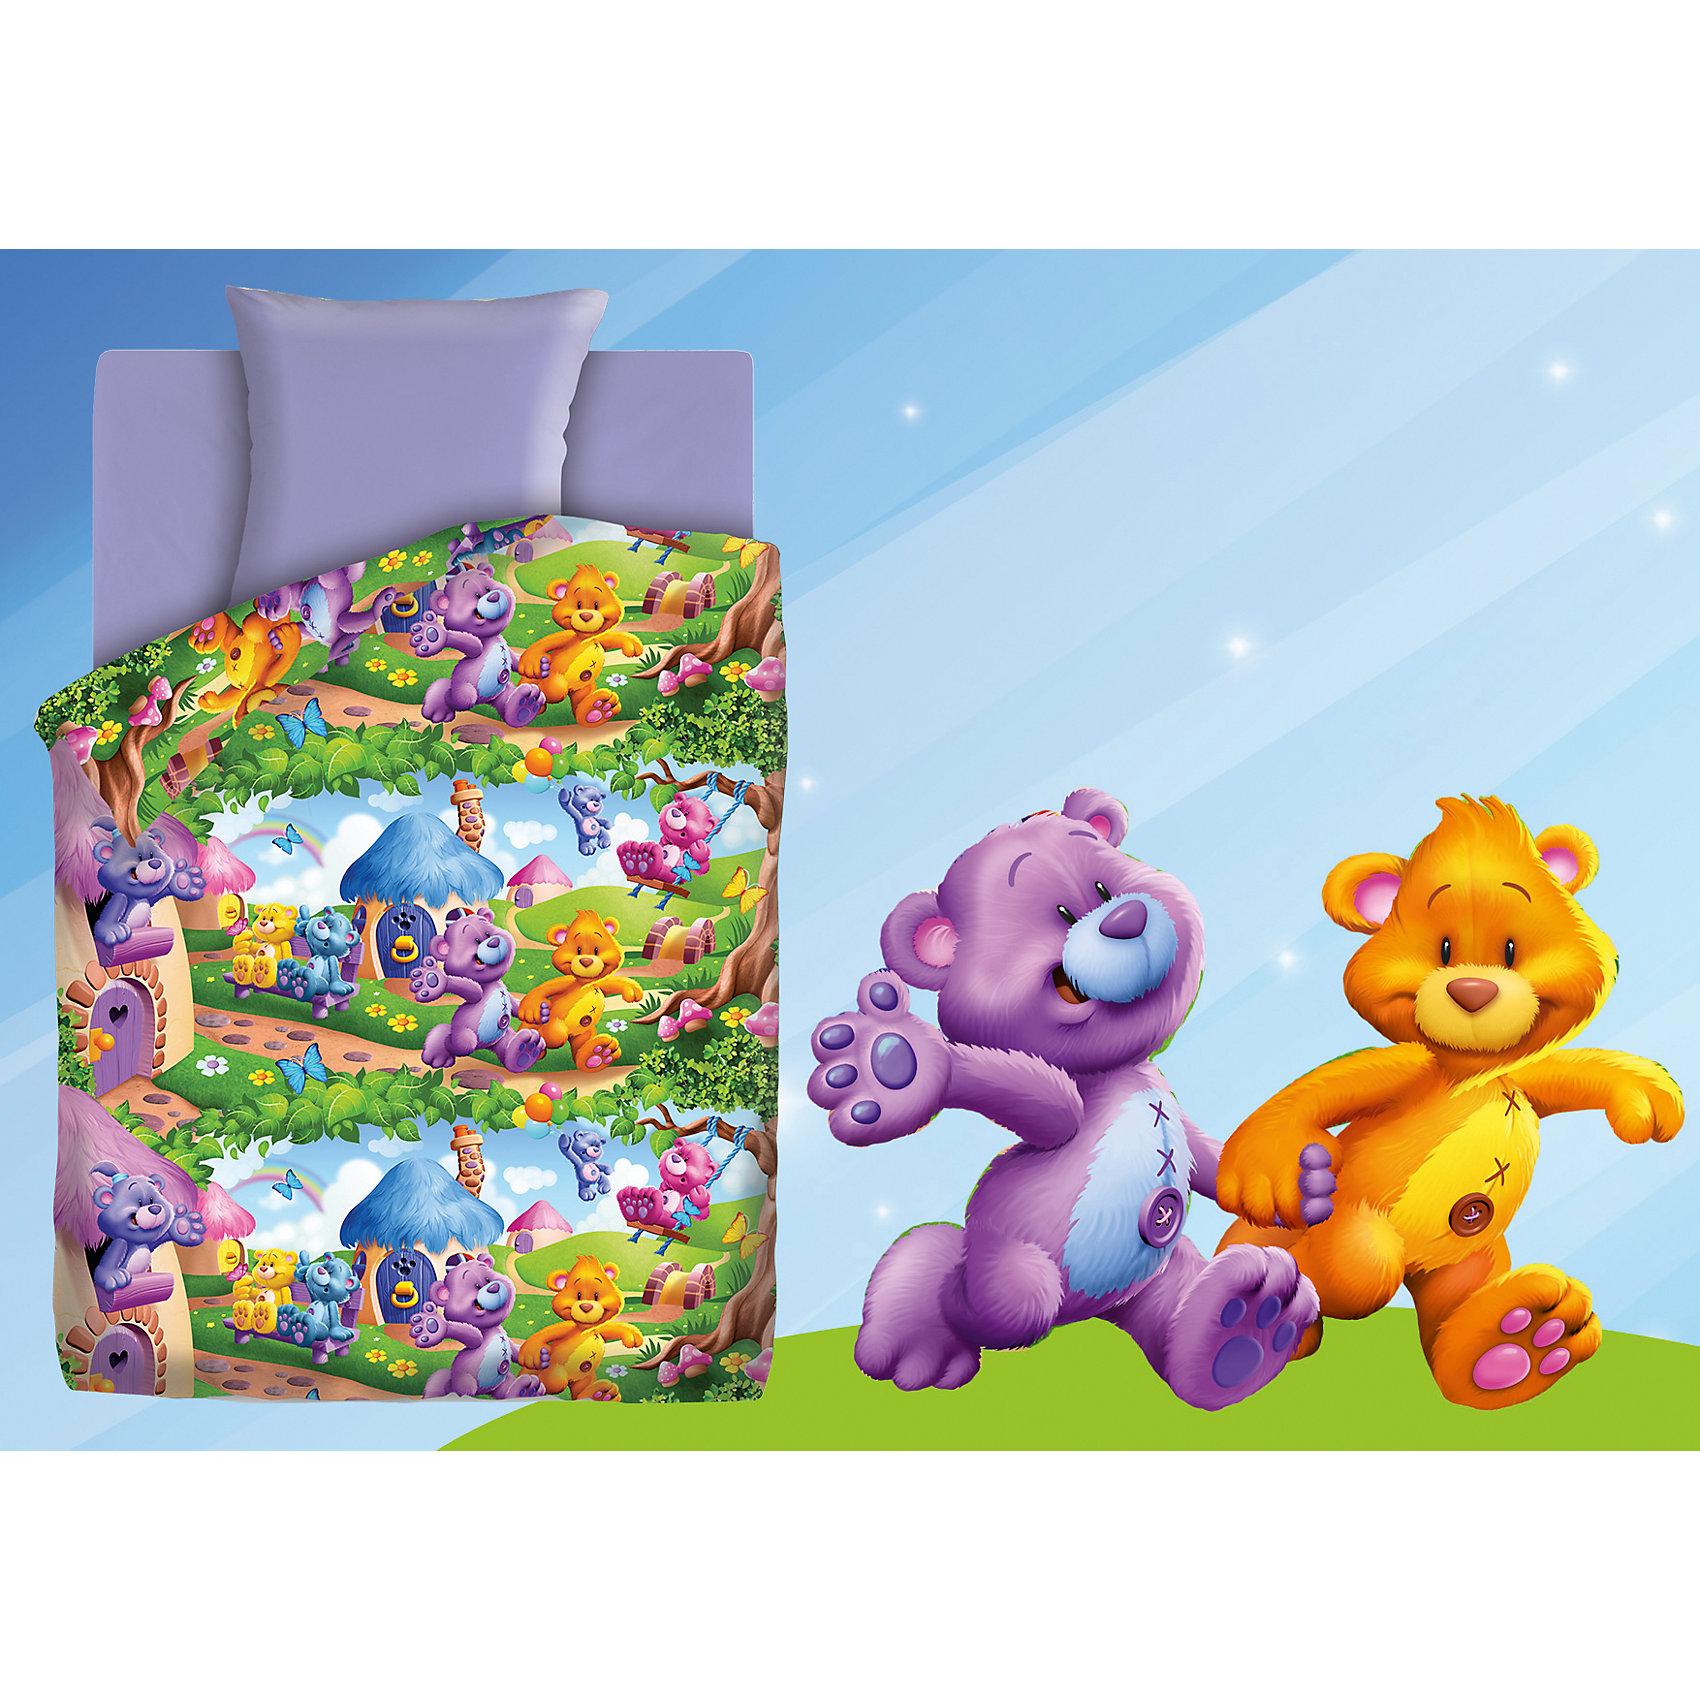 Непоседа Постельное белье 1,5 Радужные мишки (нав.70*70) бязь, Непоседа, лиловый непоседа постельное белье маленькие феечки 3 предмета непоседа